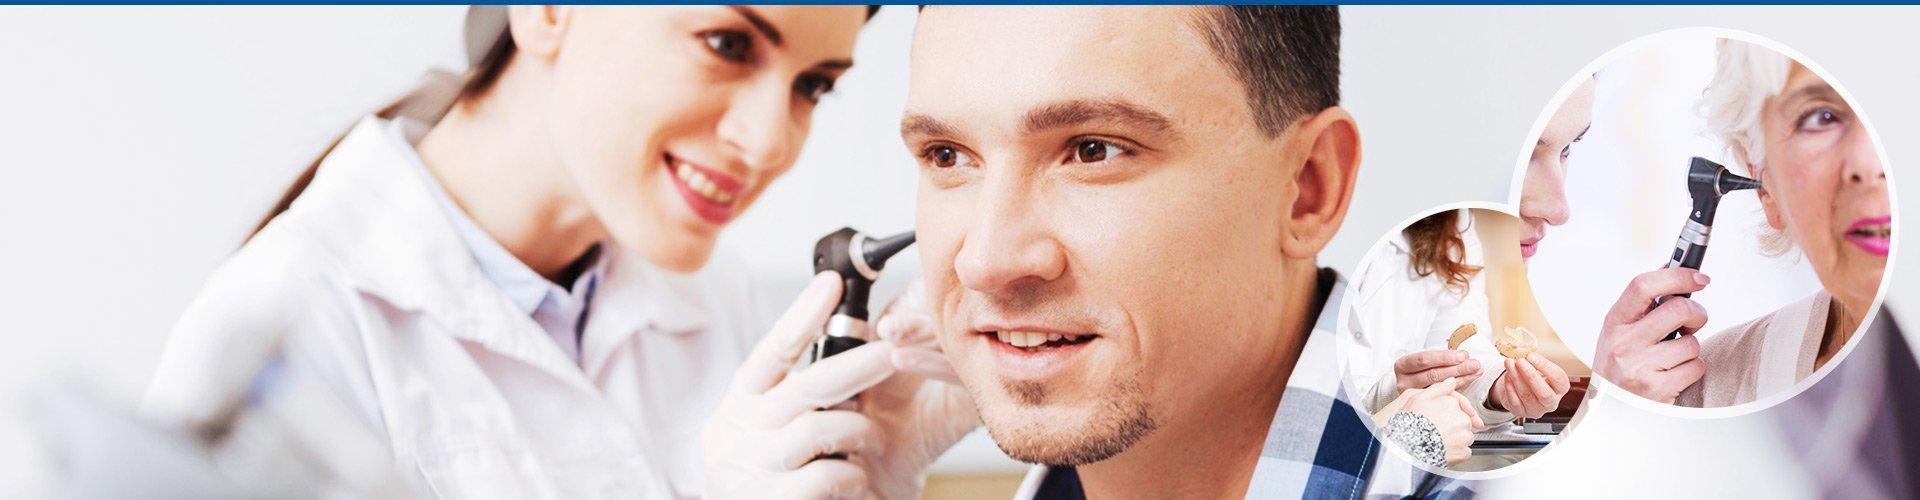 Profesjonalne badanie słuchu